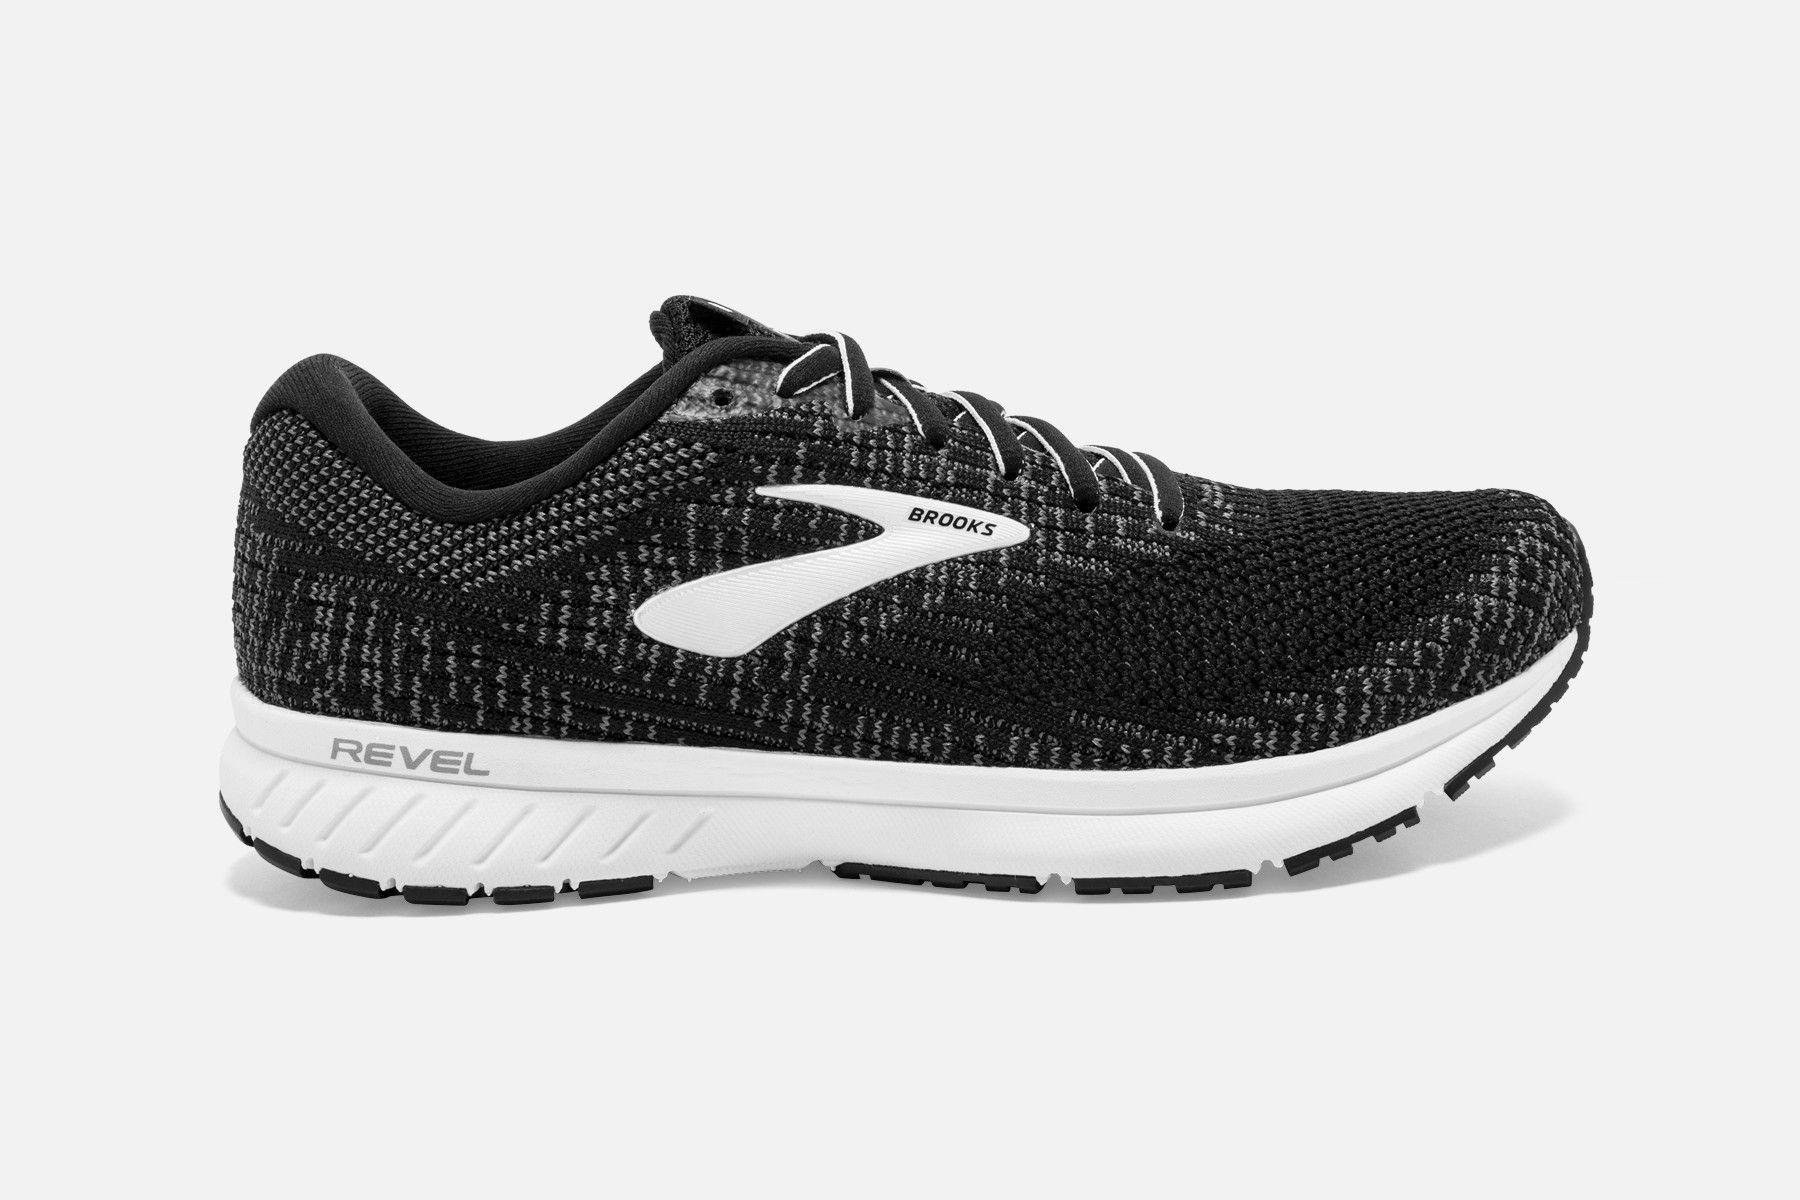 Revel 3 | Running shoes for men, Brooks